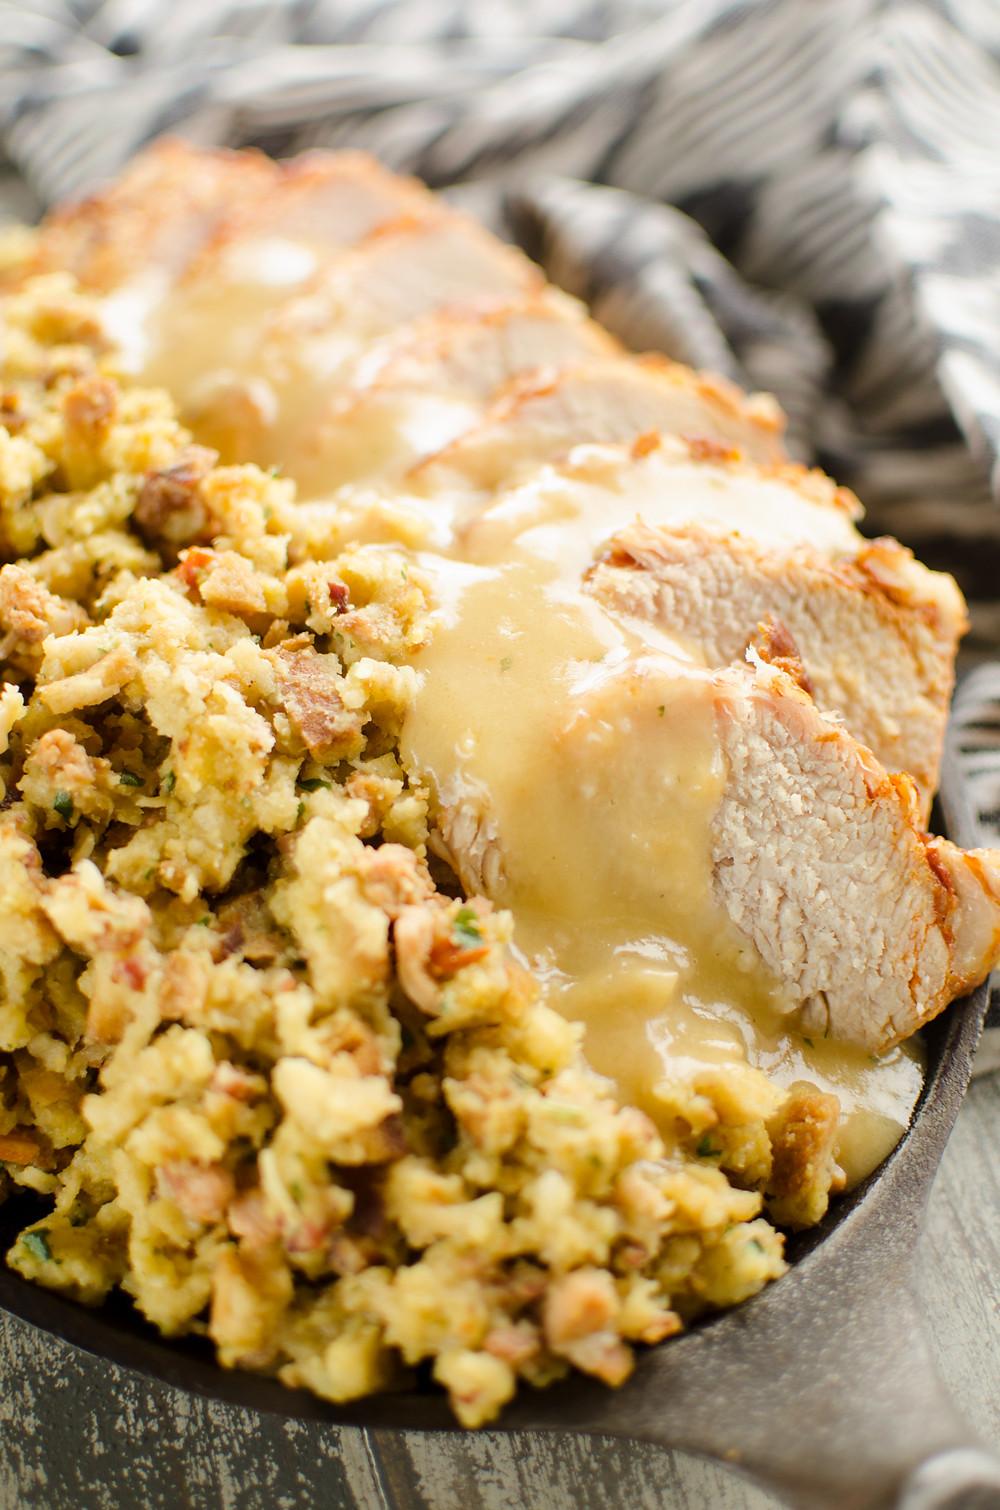 Pressure Cooker Pork Loin  Pressure Cooker Pork Loin Stuffing & Gravy